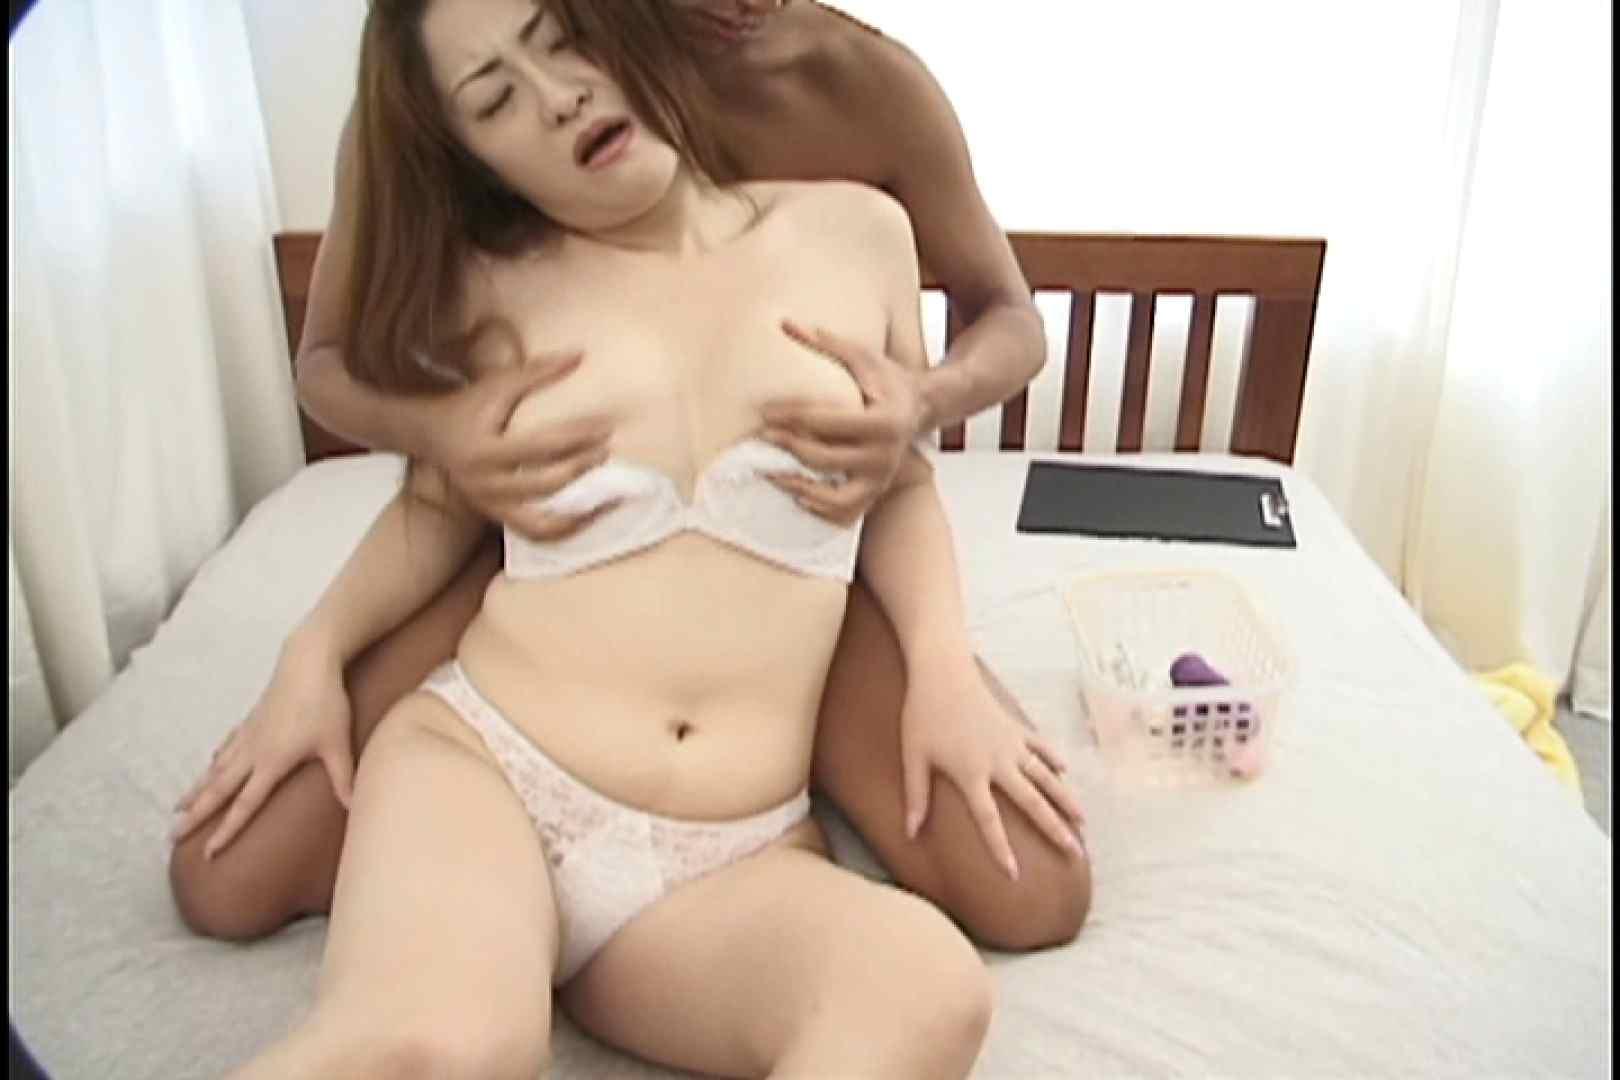 昼間の奥様は欲求不満 ~青井祐子~ SEX 濡れ場動画紹介 22連発 17